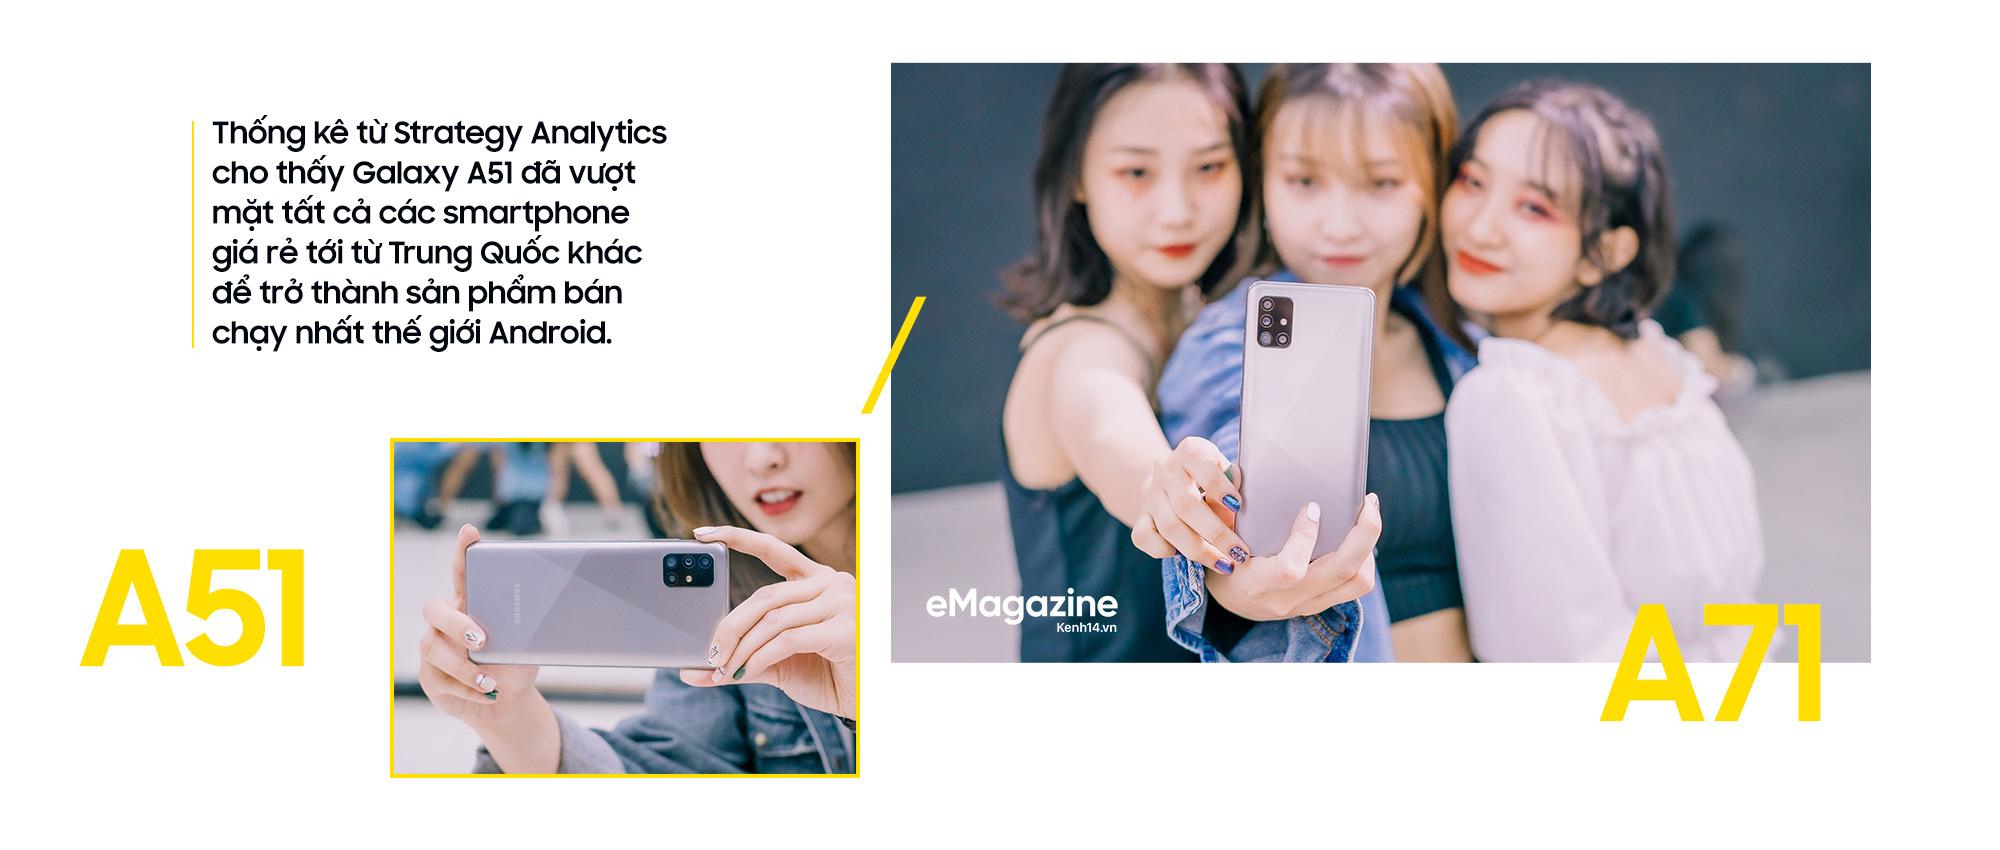 13 năm ra đời smartphone, thói quen mua sắm đã thay đổi từ câu chuyện của chiếc Android bán chạy nhất thế giới - Ảnh 2.